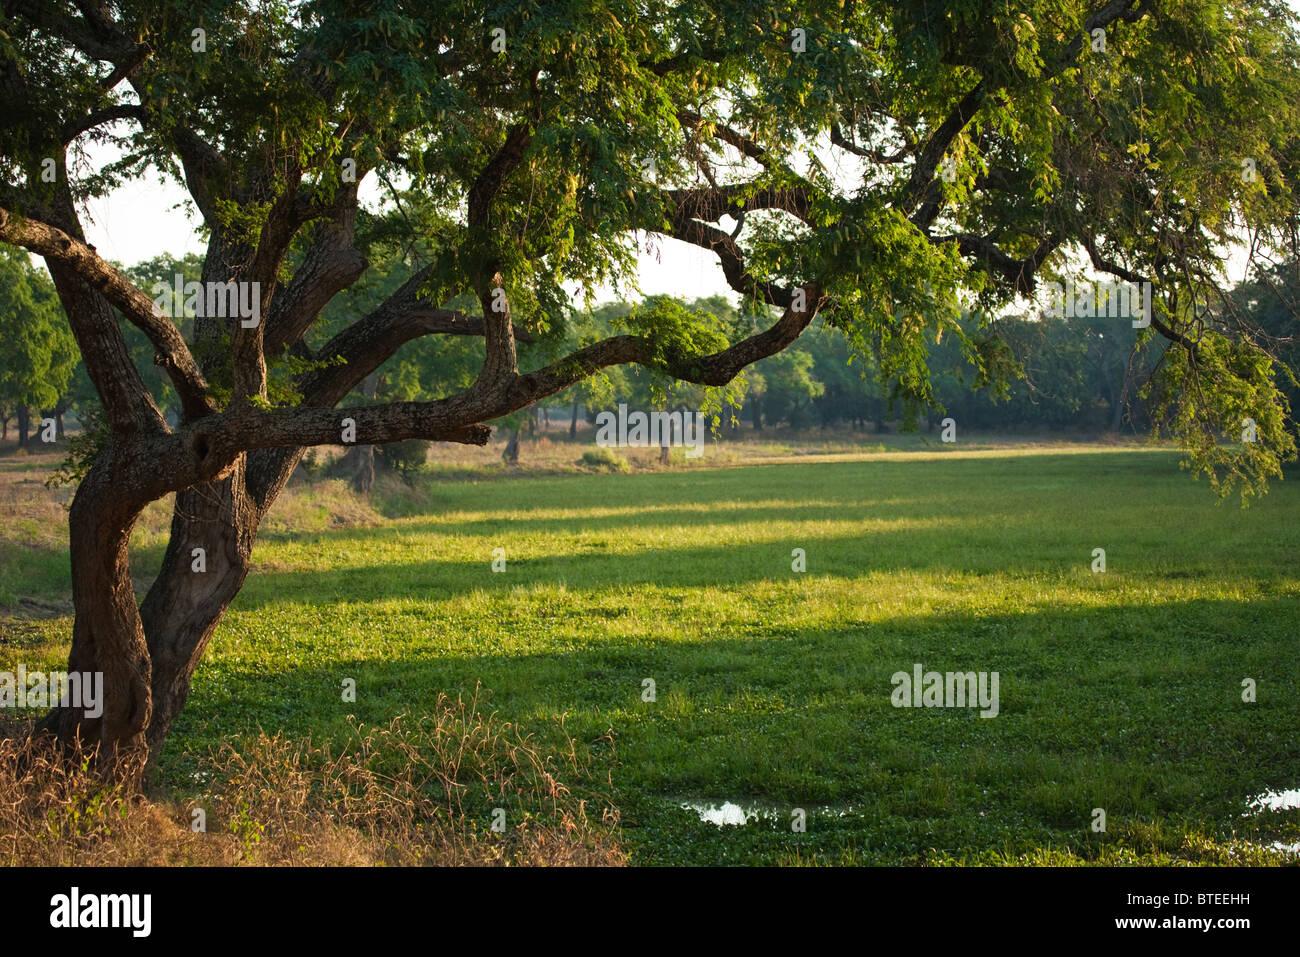 Vue panoramique d'un seul arbre albida sur le bord d'un pan de saison couverte de végétation luxuriante Photo Stock